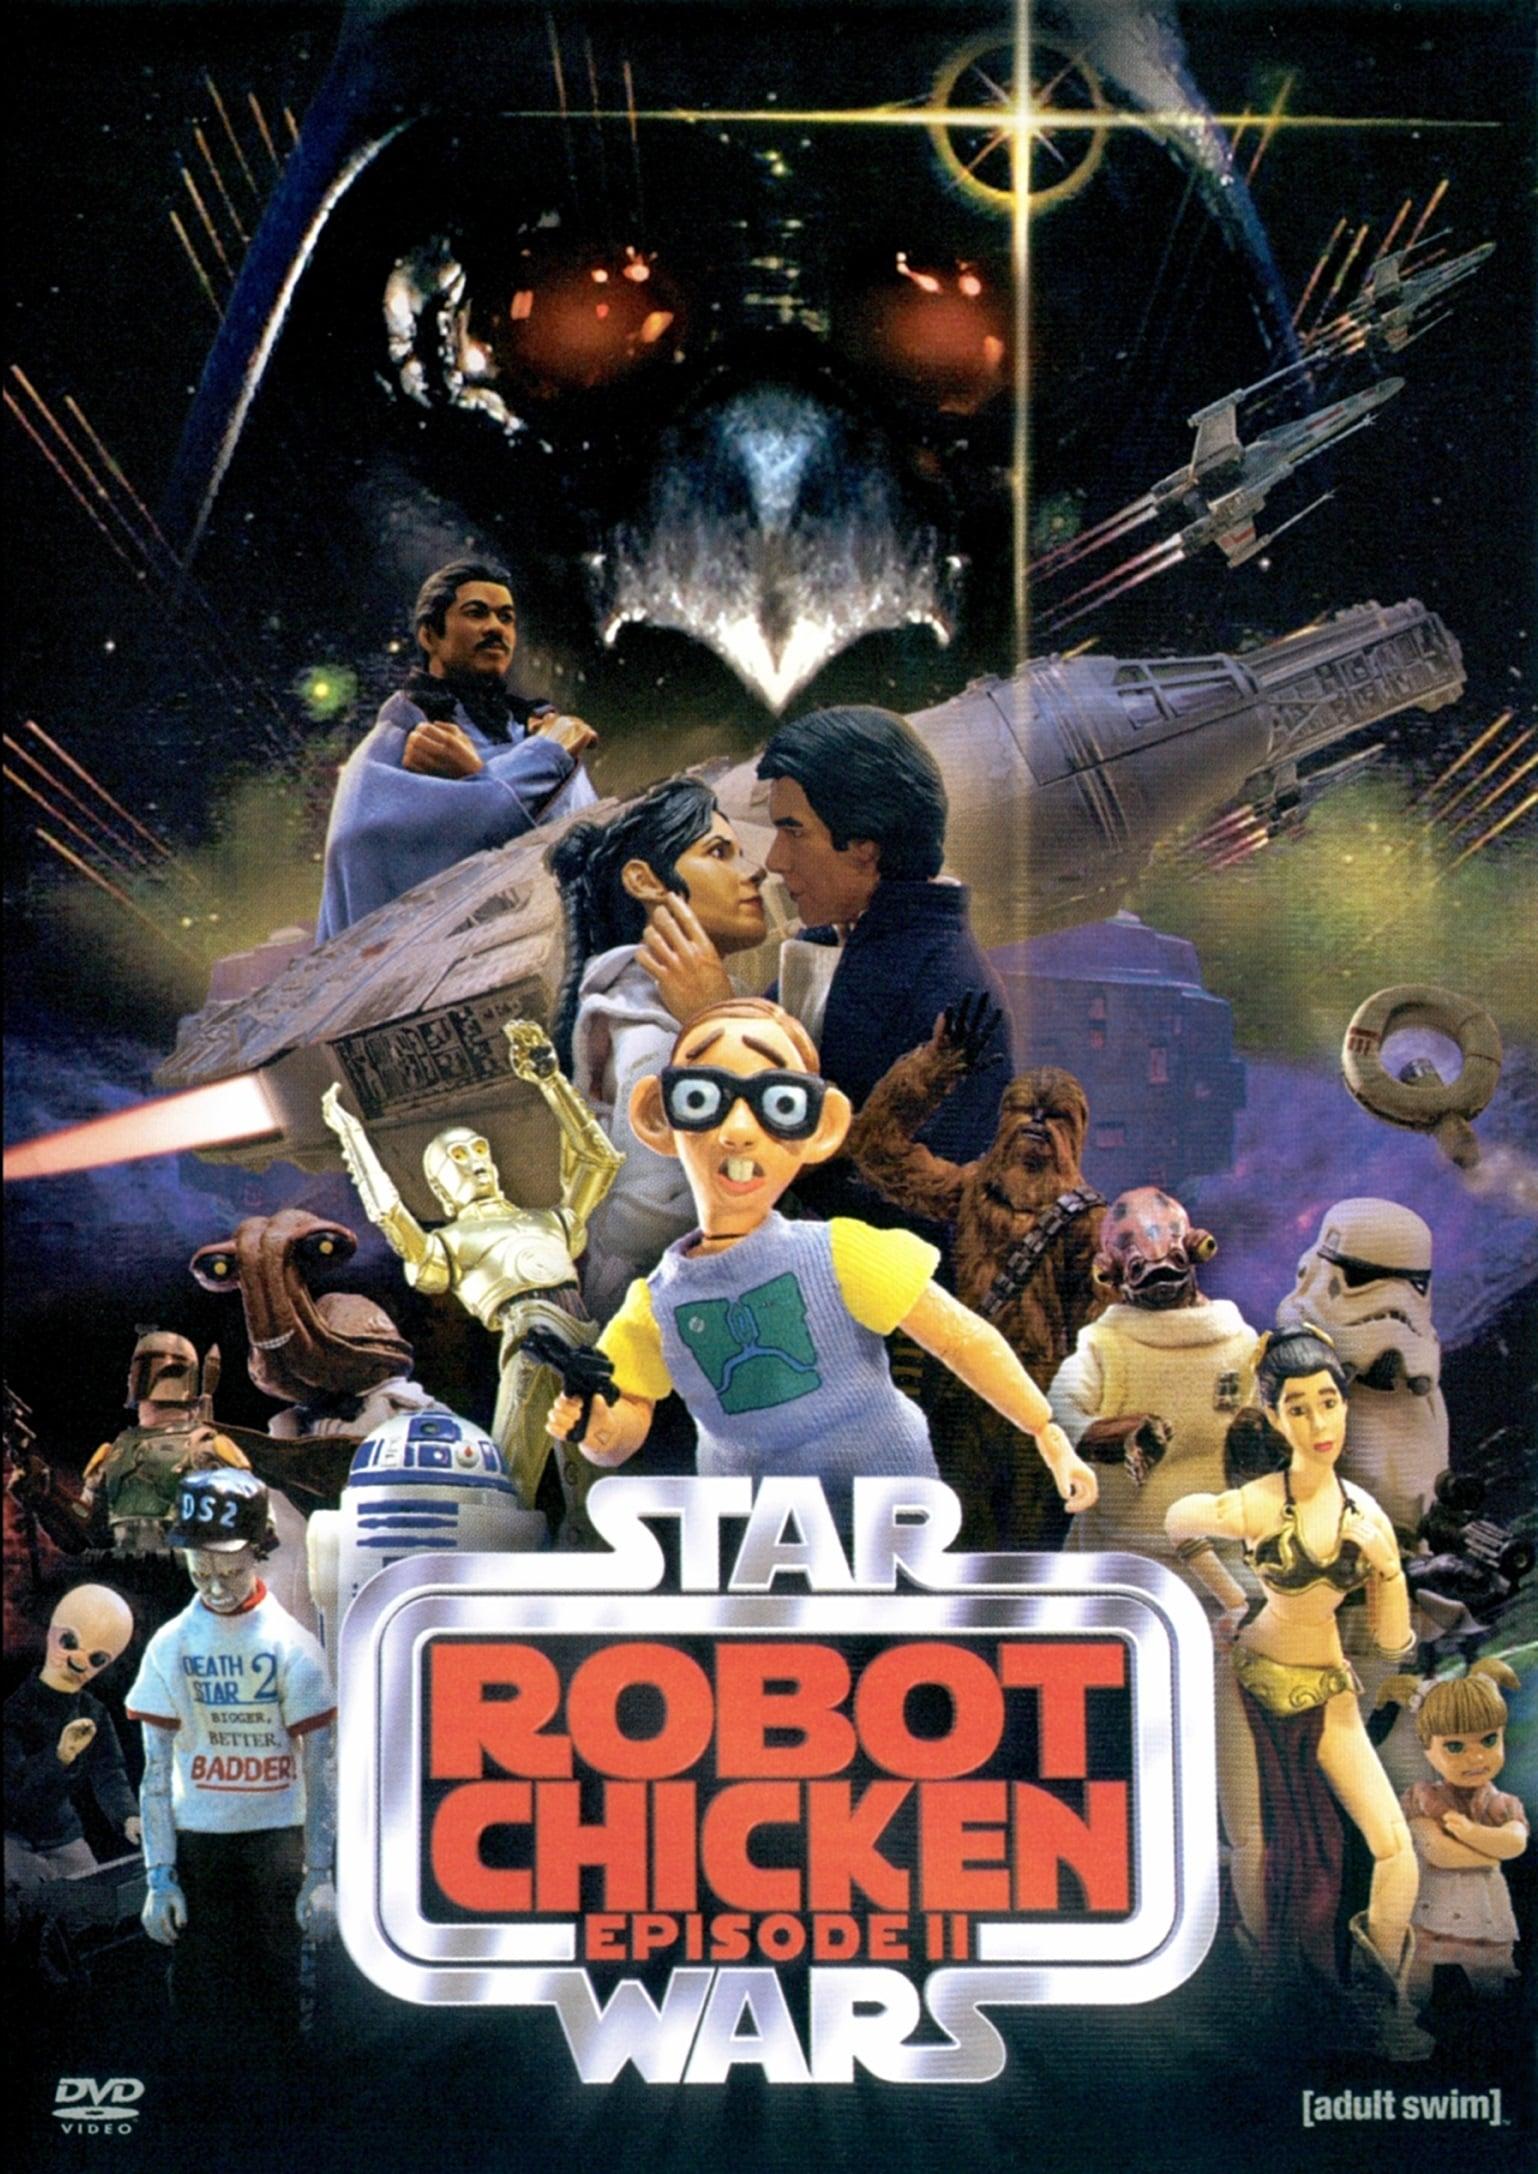 Robot Chicken: Star Wars Episode II (2008)